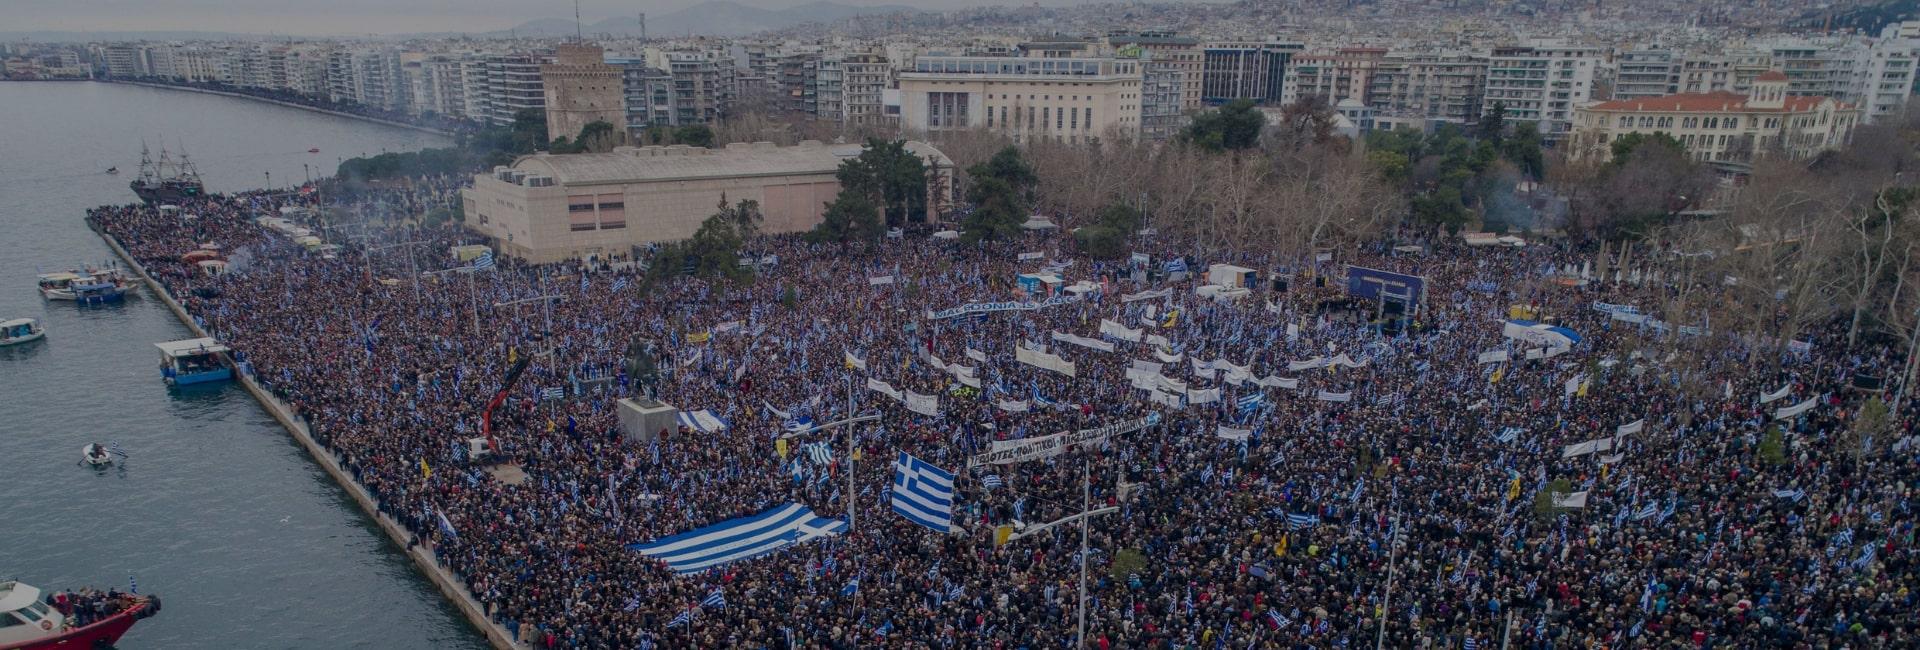 Ελληνική Πολιτική Συνείδηση Ε.ΠΟ.Σ.